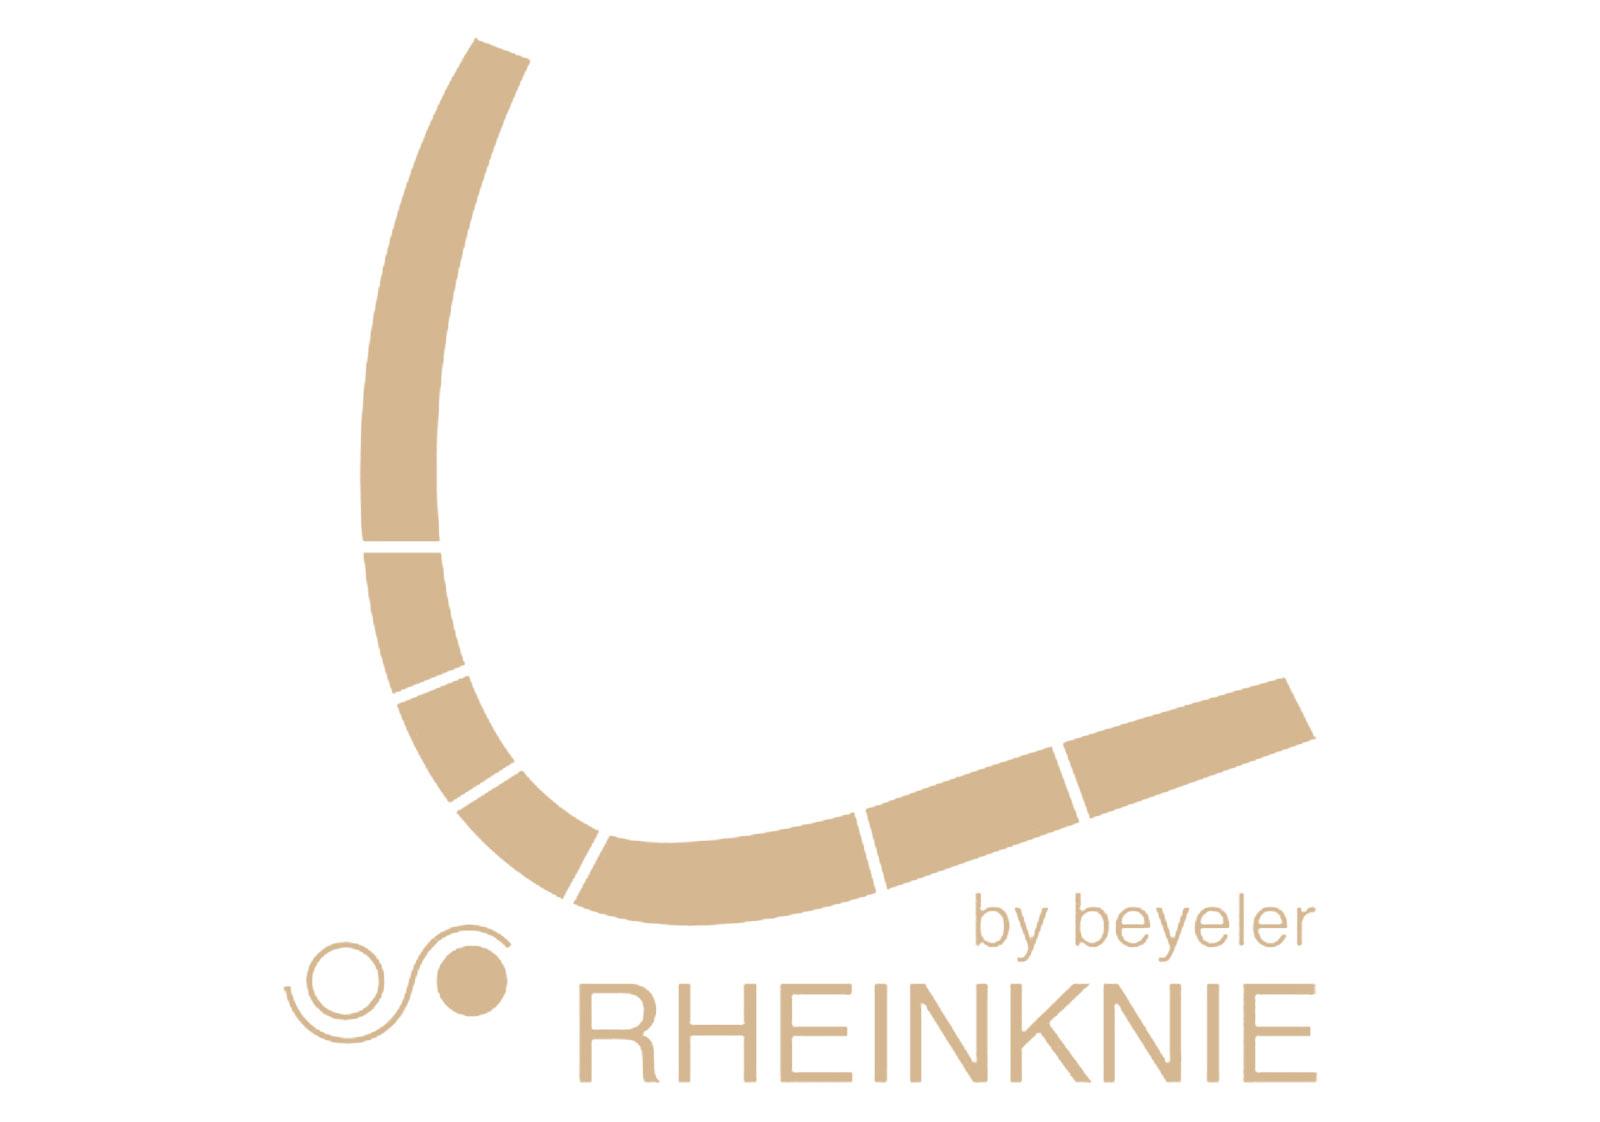 Basler Brillenkultur mit «Rheinknie by beyeler»